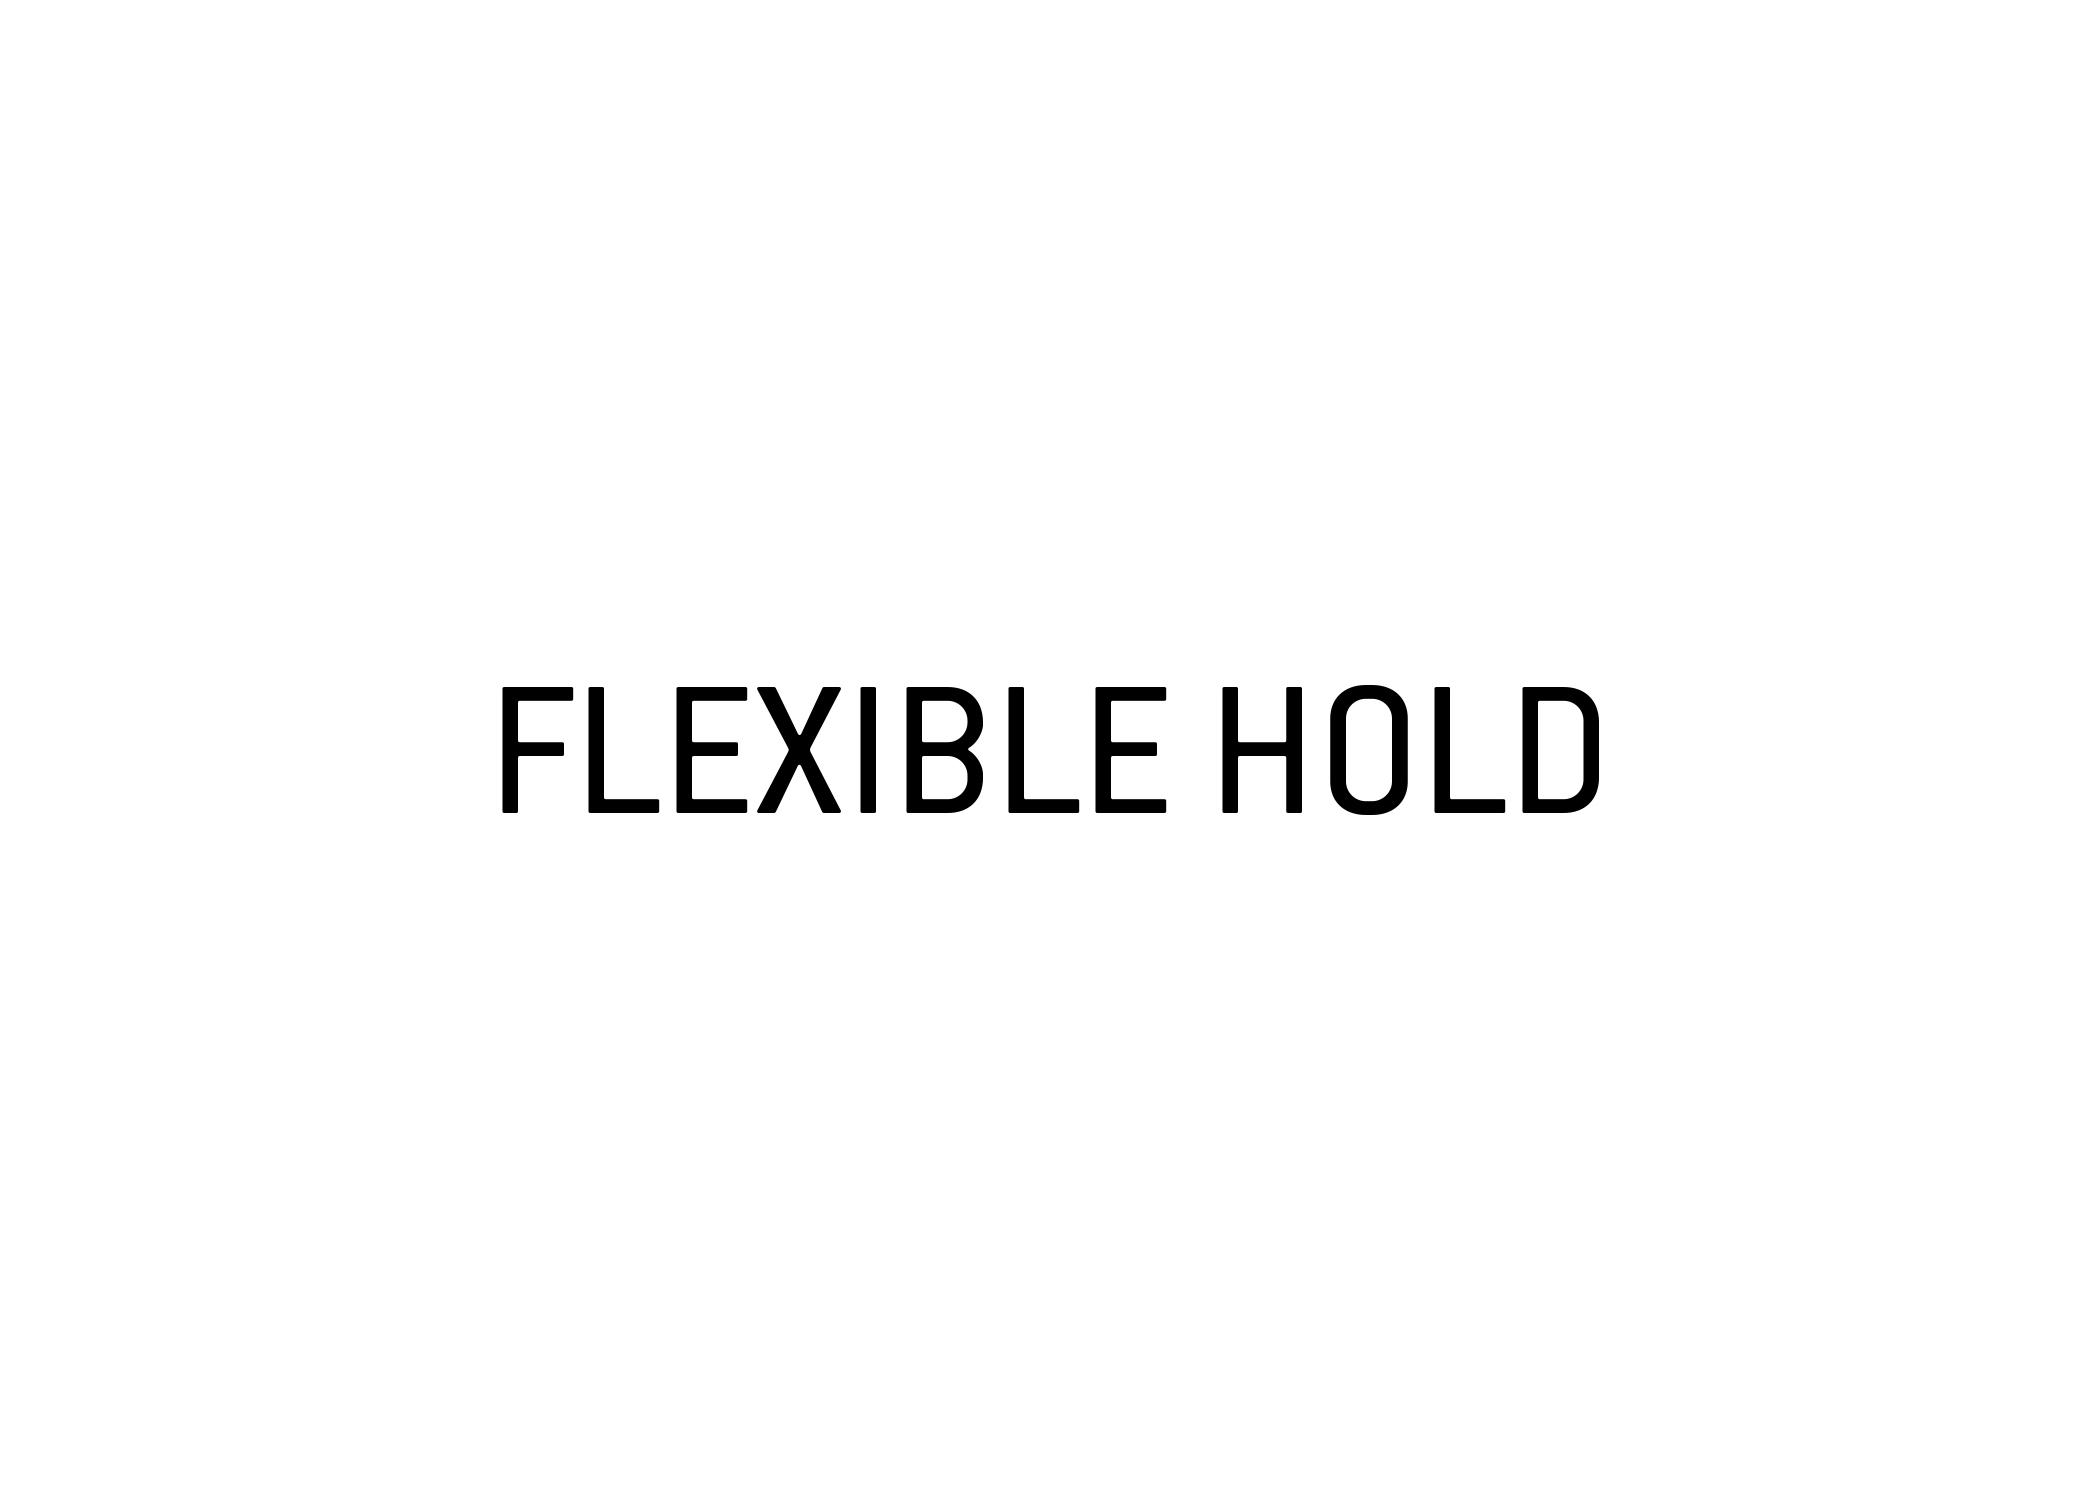 flexiblehold.jpg